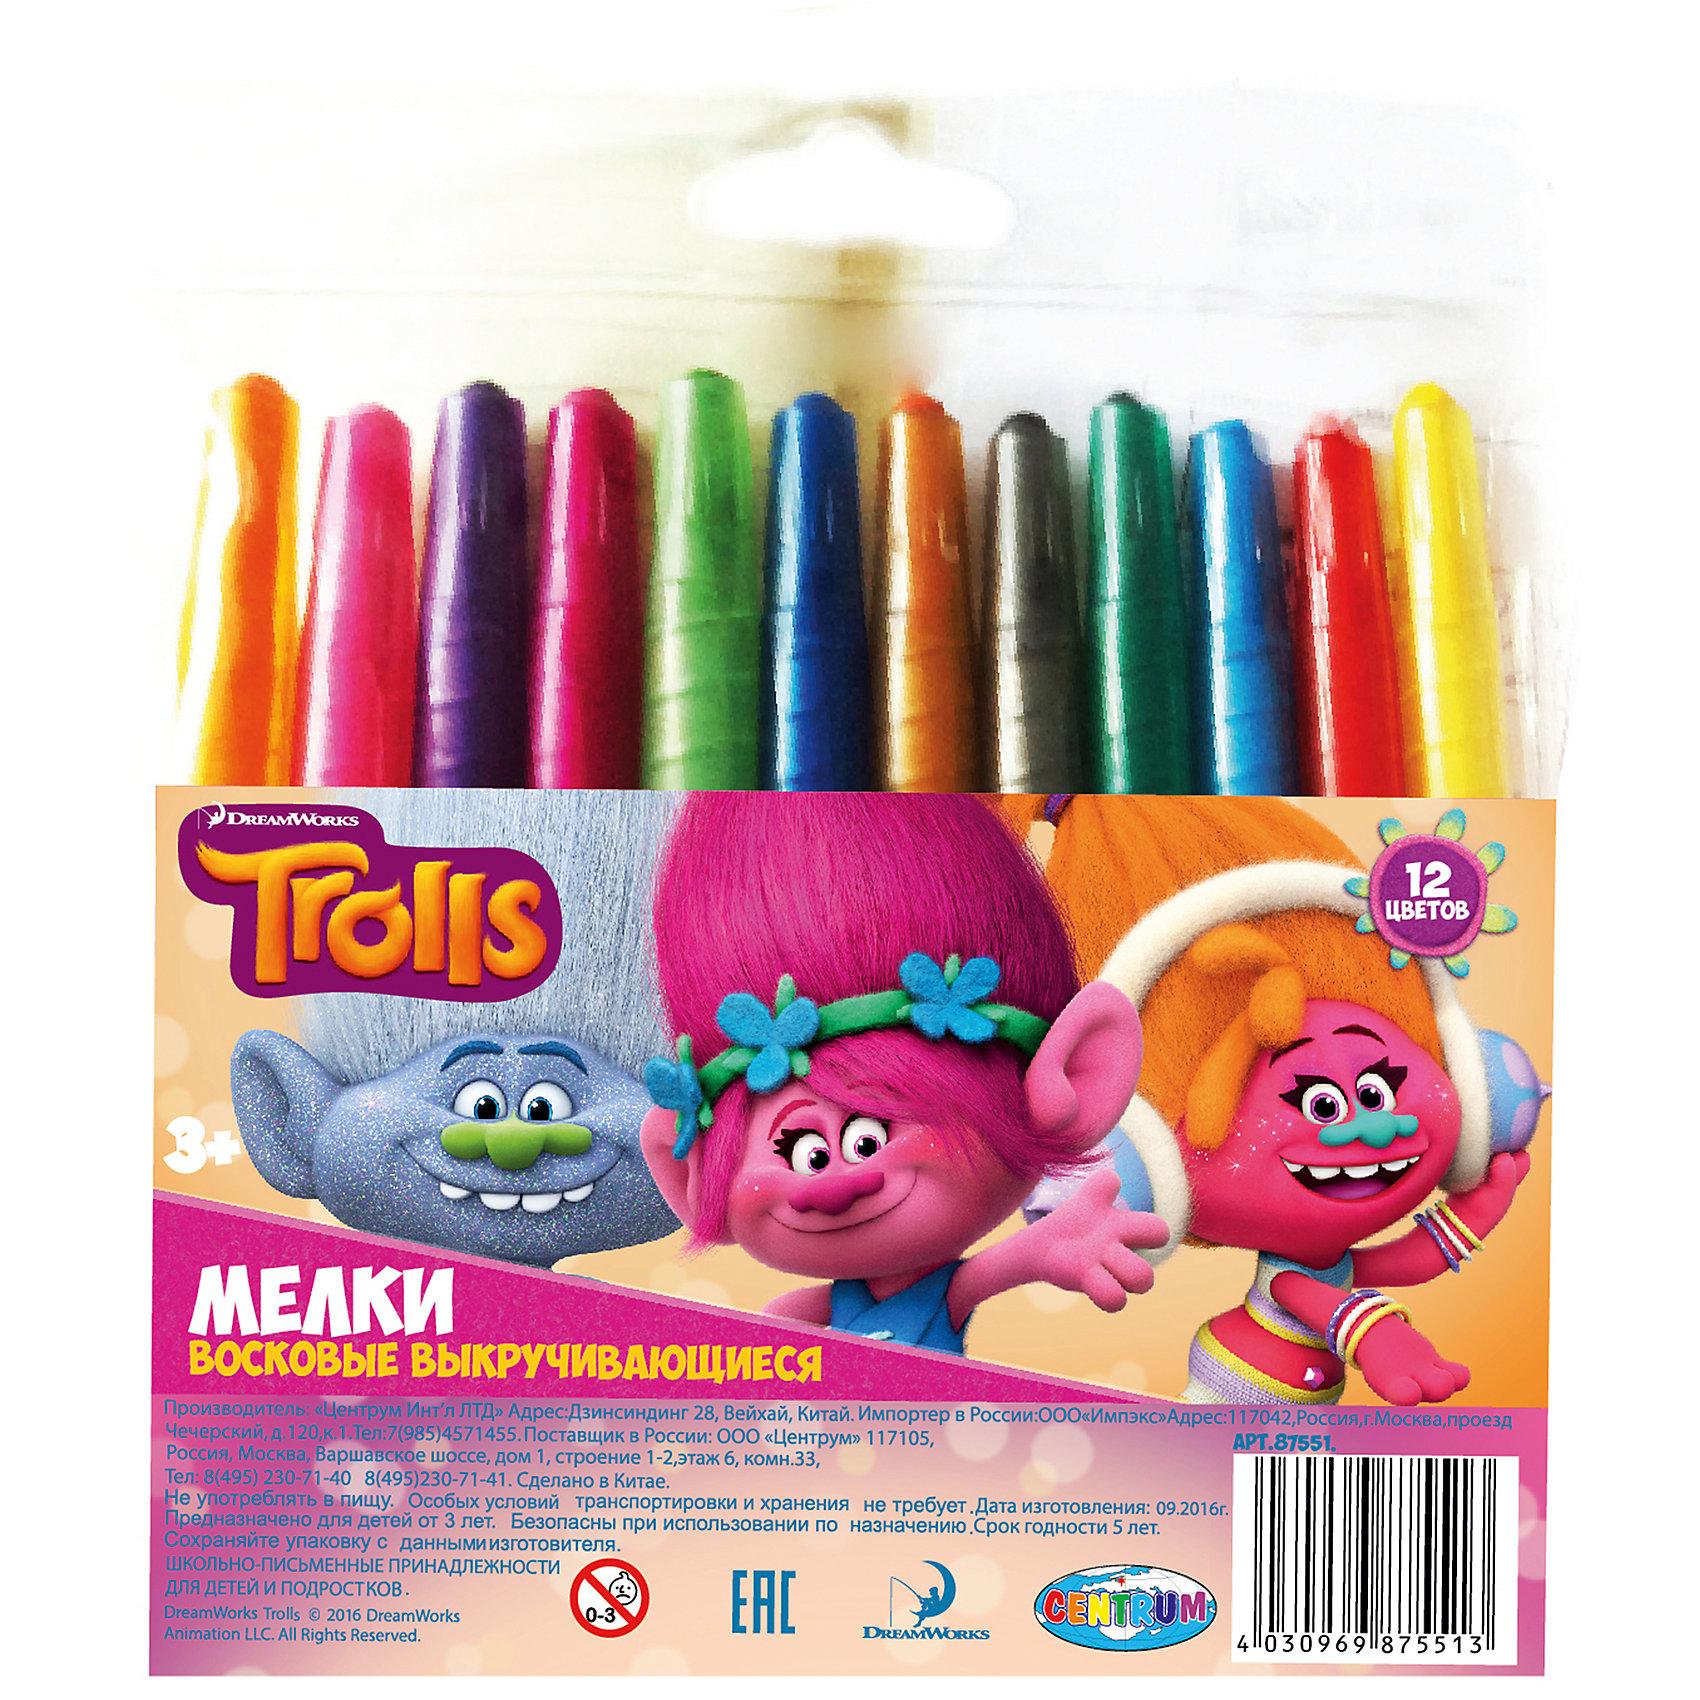 Мелки восковые выкручивающиеся Тролли, 12 цветовТролли Творчество<br>Мелки восковые выкручивающиеся Тролли, 12 цветов, Centrum (Центрум)<br><br>Характеристики:<br><br>• яркие цвета<br>• безопасны для ребенка<br>• привлекательный дизайн с любимыми героями<br>• в комплекте: мелки 12 цветов<br>• материал: воск, красители, пластик<br>• размер: 14,5х13,5х1 см<br><br>Восковые мелки Тролли отлично подойдут для создания первых шедевров ребенка. Они изготовлены из воска, безопасного для детей. Мелки выкручиваются, что позволяет защитит их от возможных поломок. В набор входят 12 ярких цветов. С их помощью ребенок сможет создать самую прекрасную картину на радость близким!<br><br>Мелки восковые выкручивающиеся Тролли, 12 цветов, Centrum (Центрум) вы можете купить в нашем интернет-магазине.<br><br>Ширина мм: 10<br>Глубина мм: 155<br>Высота мм: 135<br>Вес г: 102<br>Возраст от месяцев: 36<br>Возраст до месяцев: 144<br>Пол: Унисекс<br>Возраст: Детский<br>SKU: 5044932